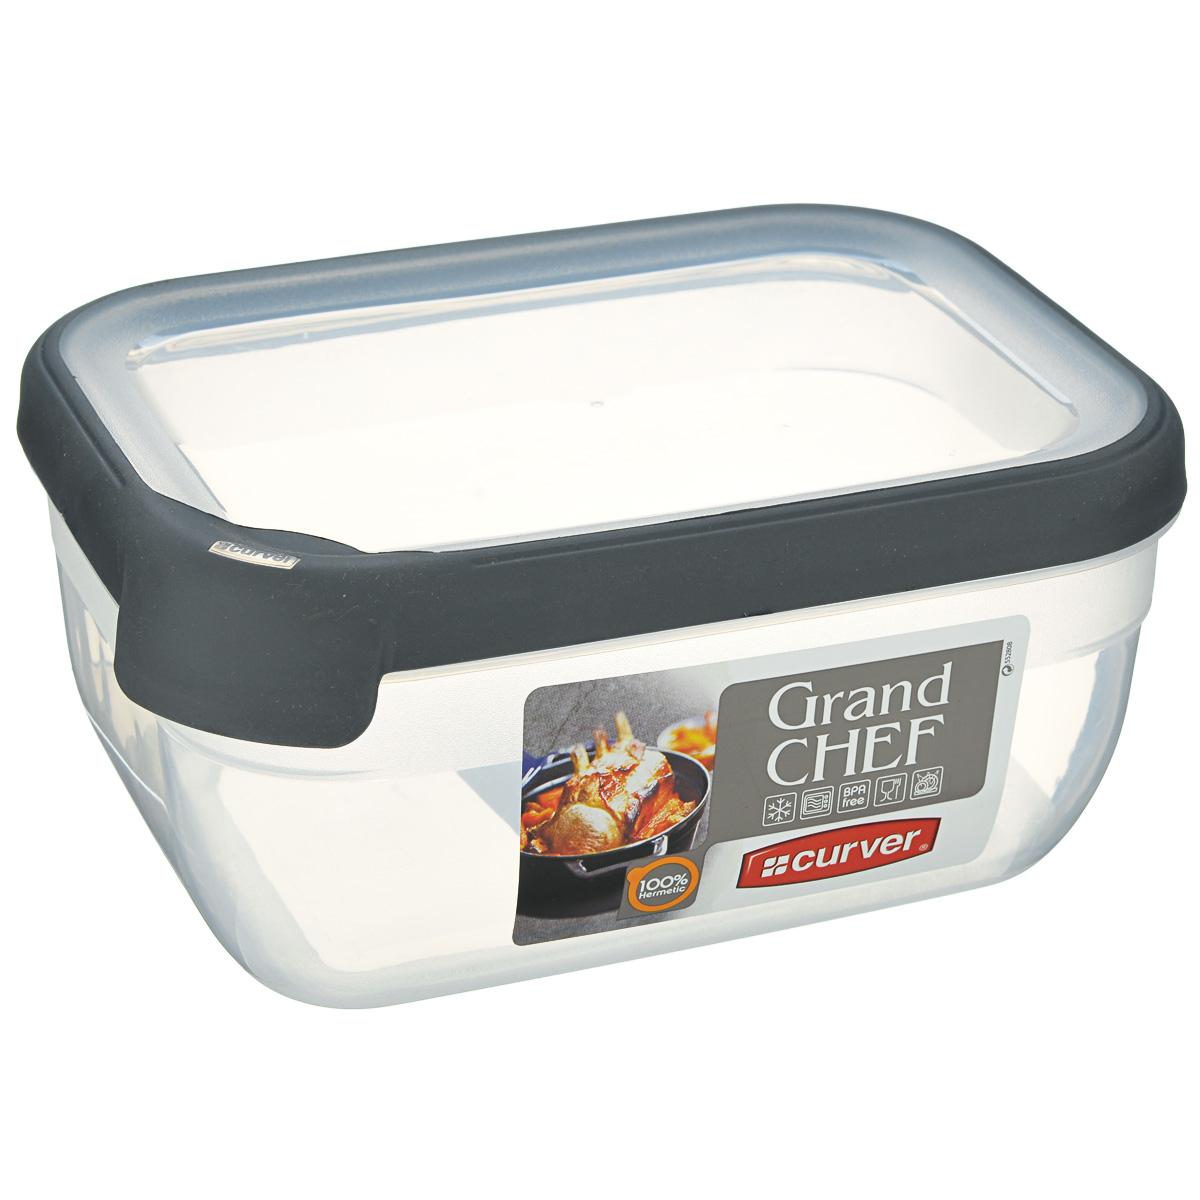 Емкость для заморозки и СВЧ Curver Grand Chef, цвет: прозрачный, серый, 1,8 л емкость для заморозки и свч curver grand chef цвет серый 2 4 л